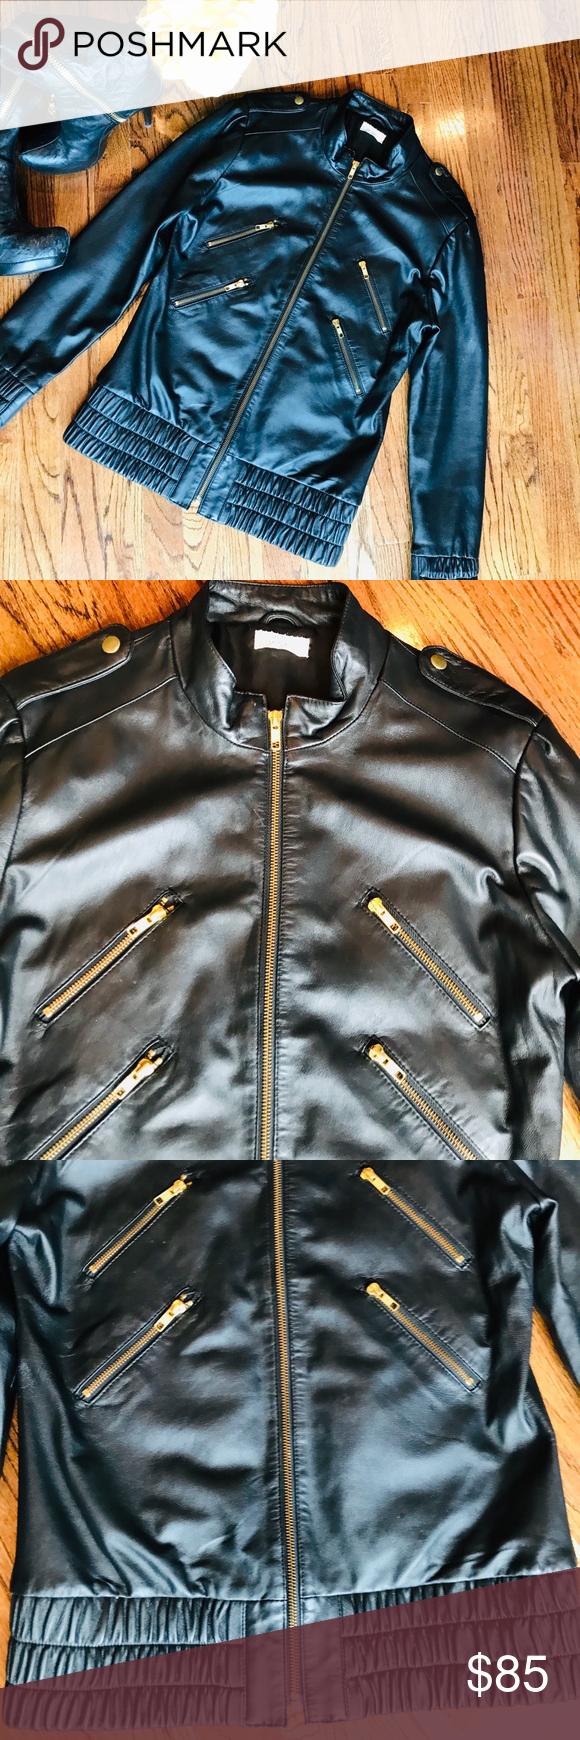 Style Portfolio Black Leather Jacket Leather Jacket Black Leather Jacket Jackets [ 1740 x 580 Pixel ]